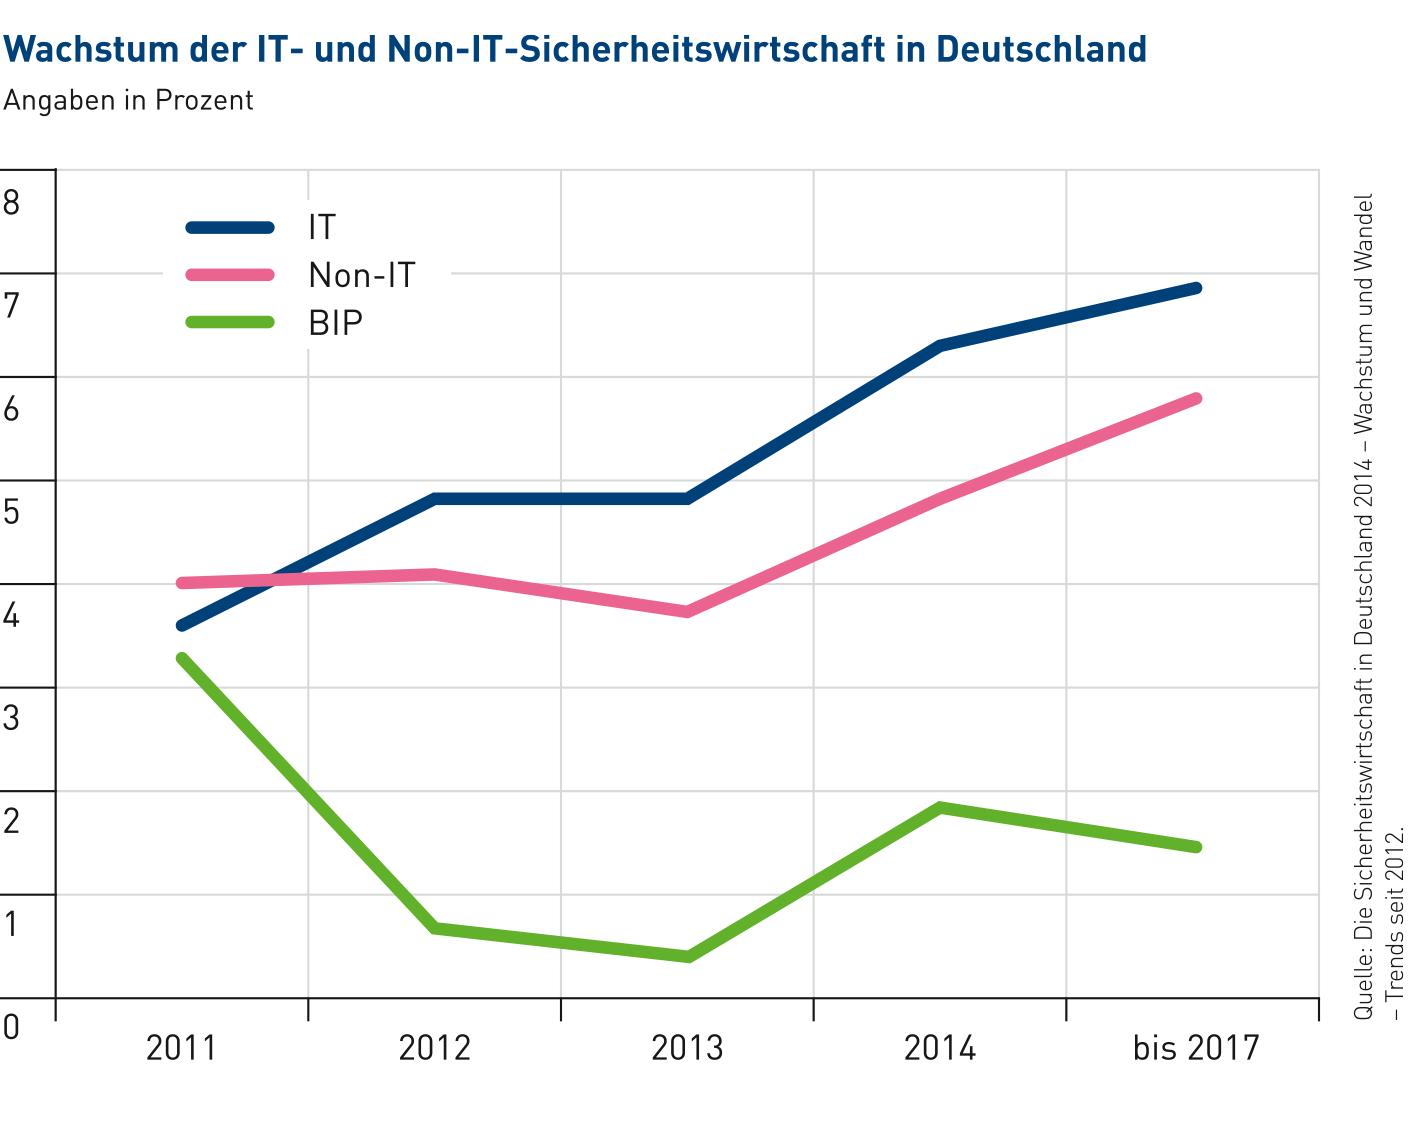 Wachstum IT- und Non-IT-Sicherheitswirtschaft in Deutschland